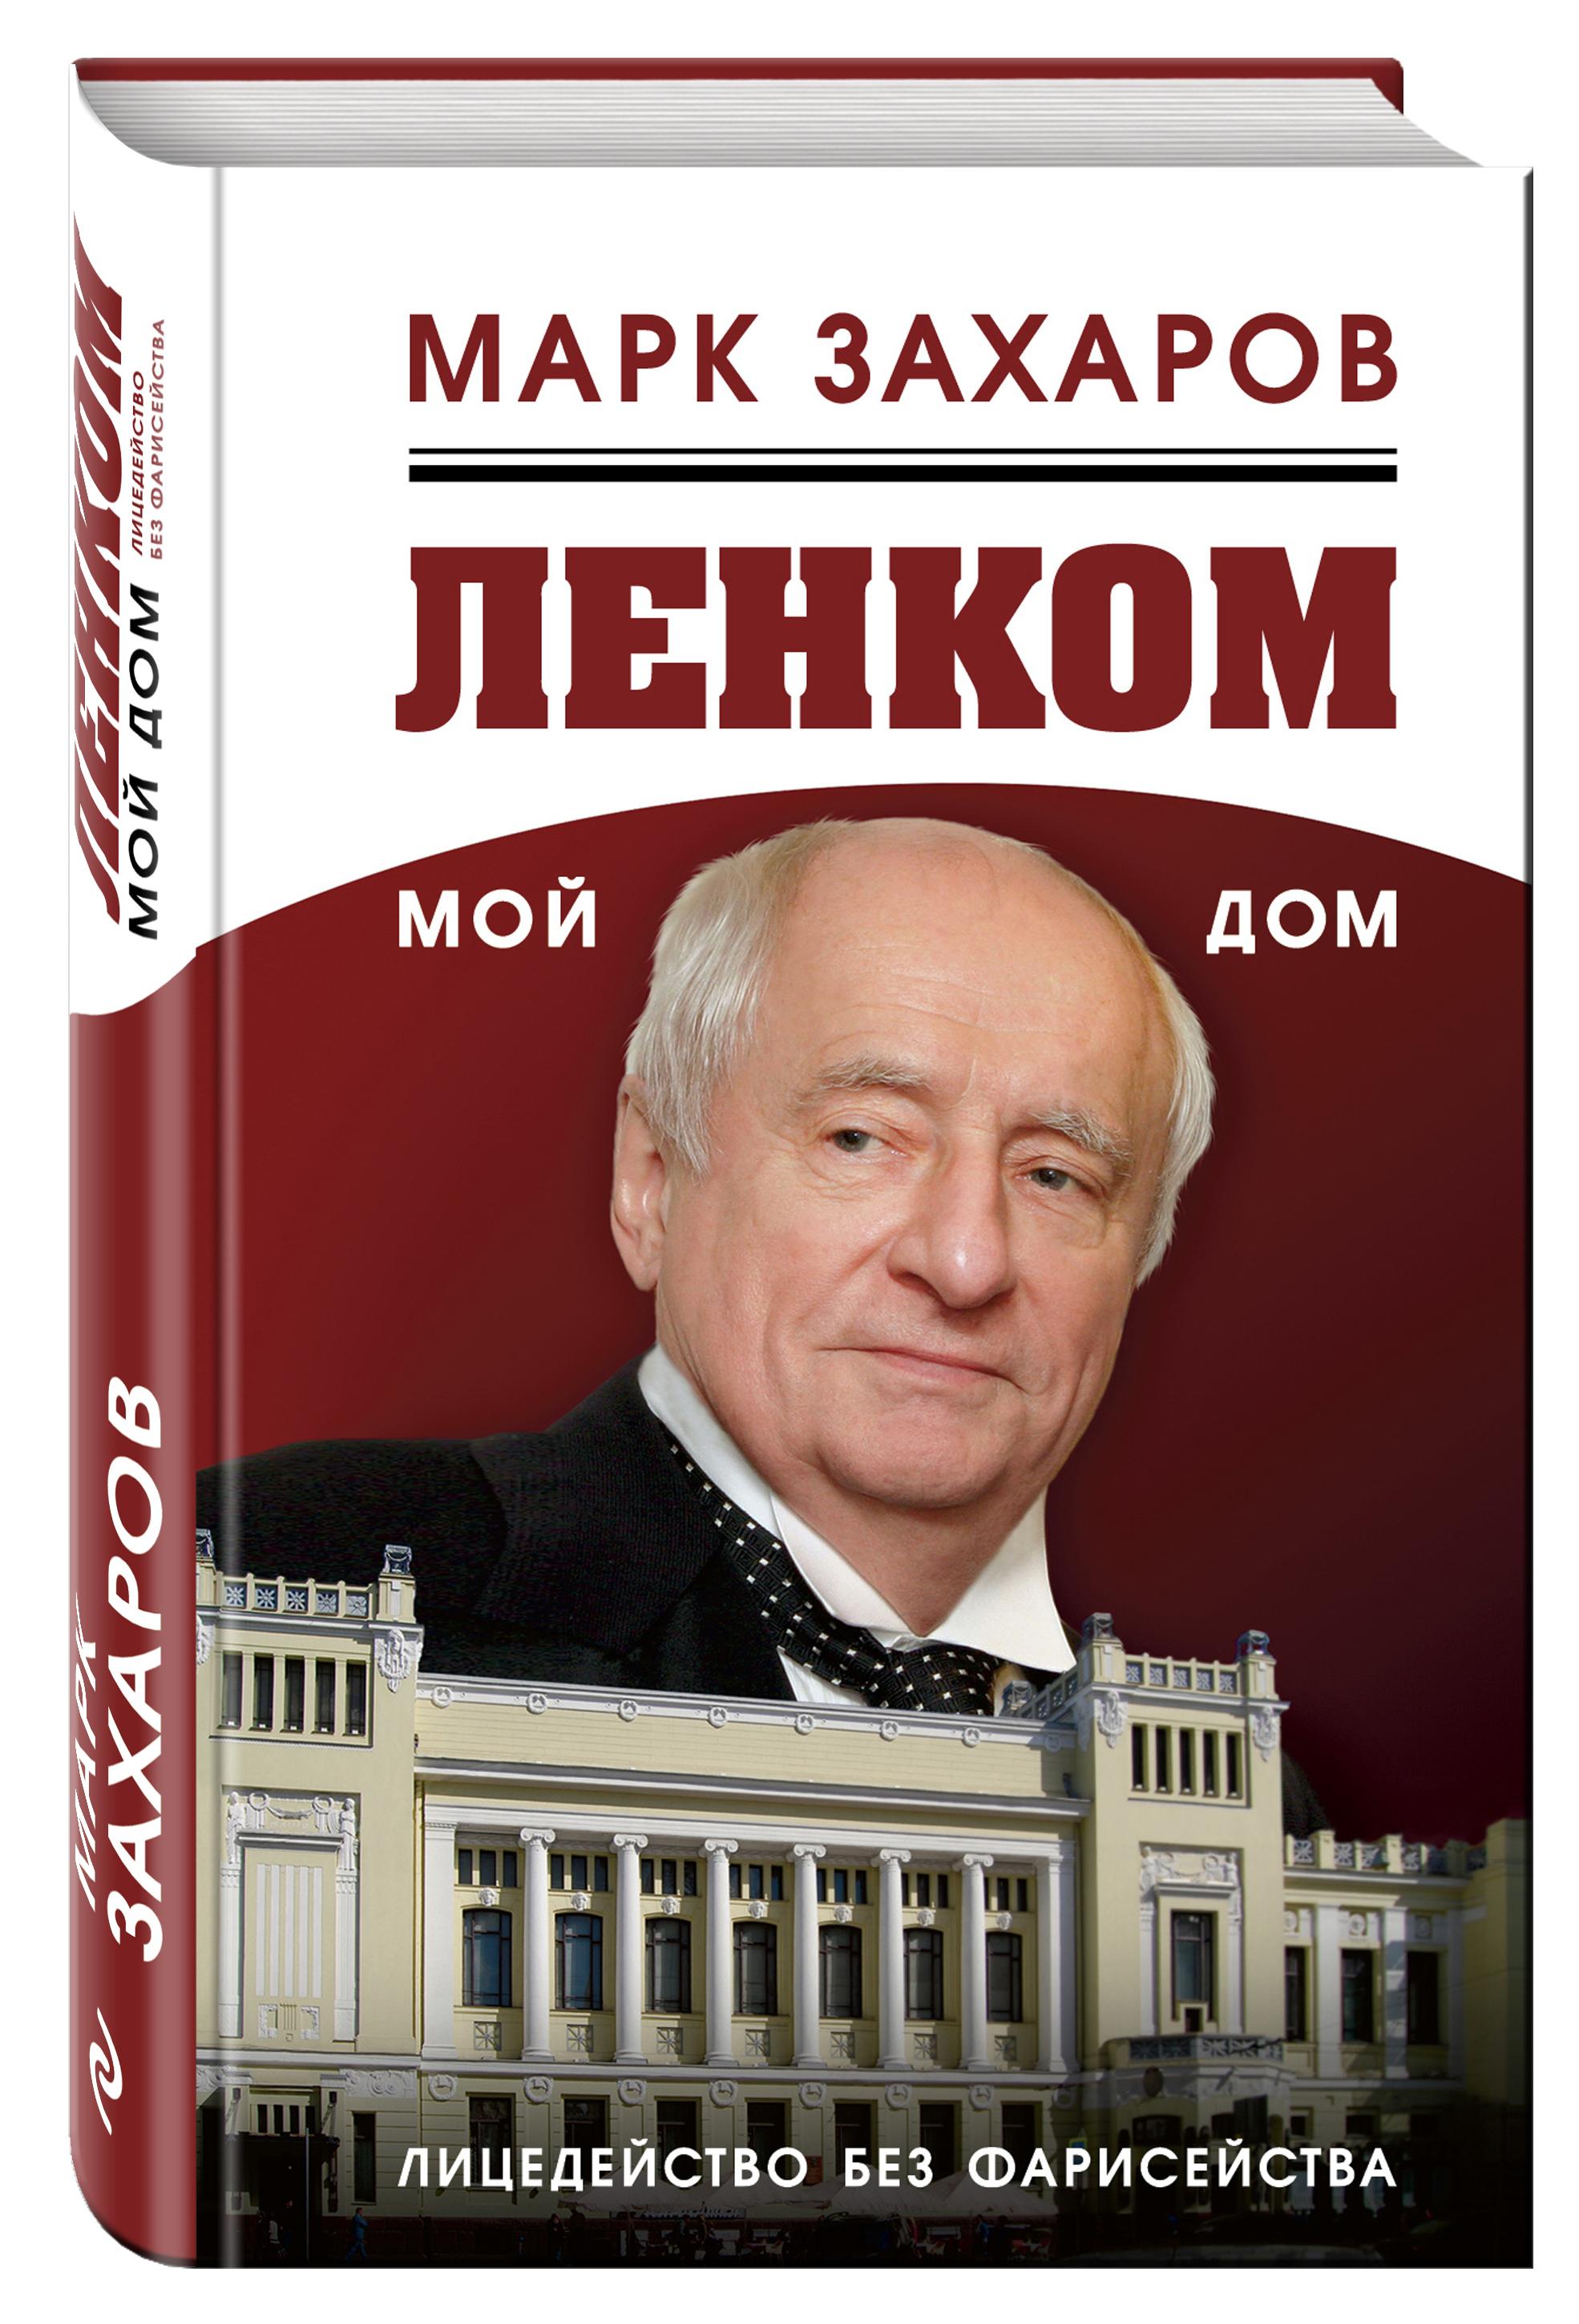 Марк Захаров Ленком – мой дом. Лицедейство без фарисейства билет в ленком официальный сайт